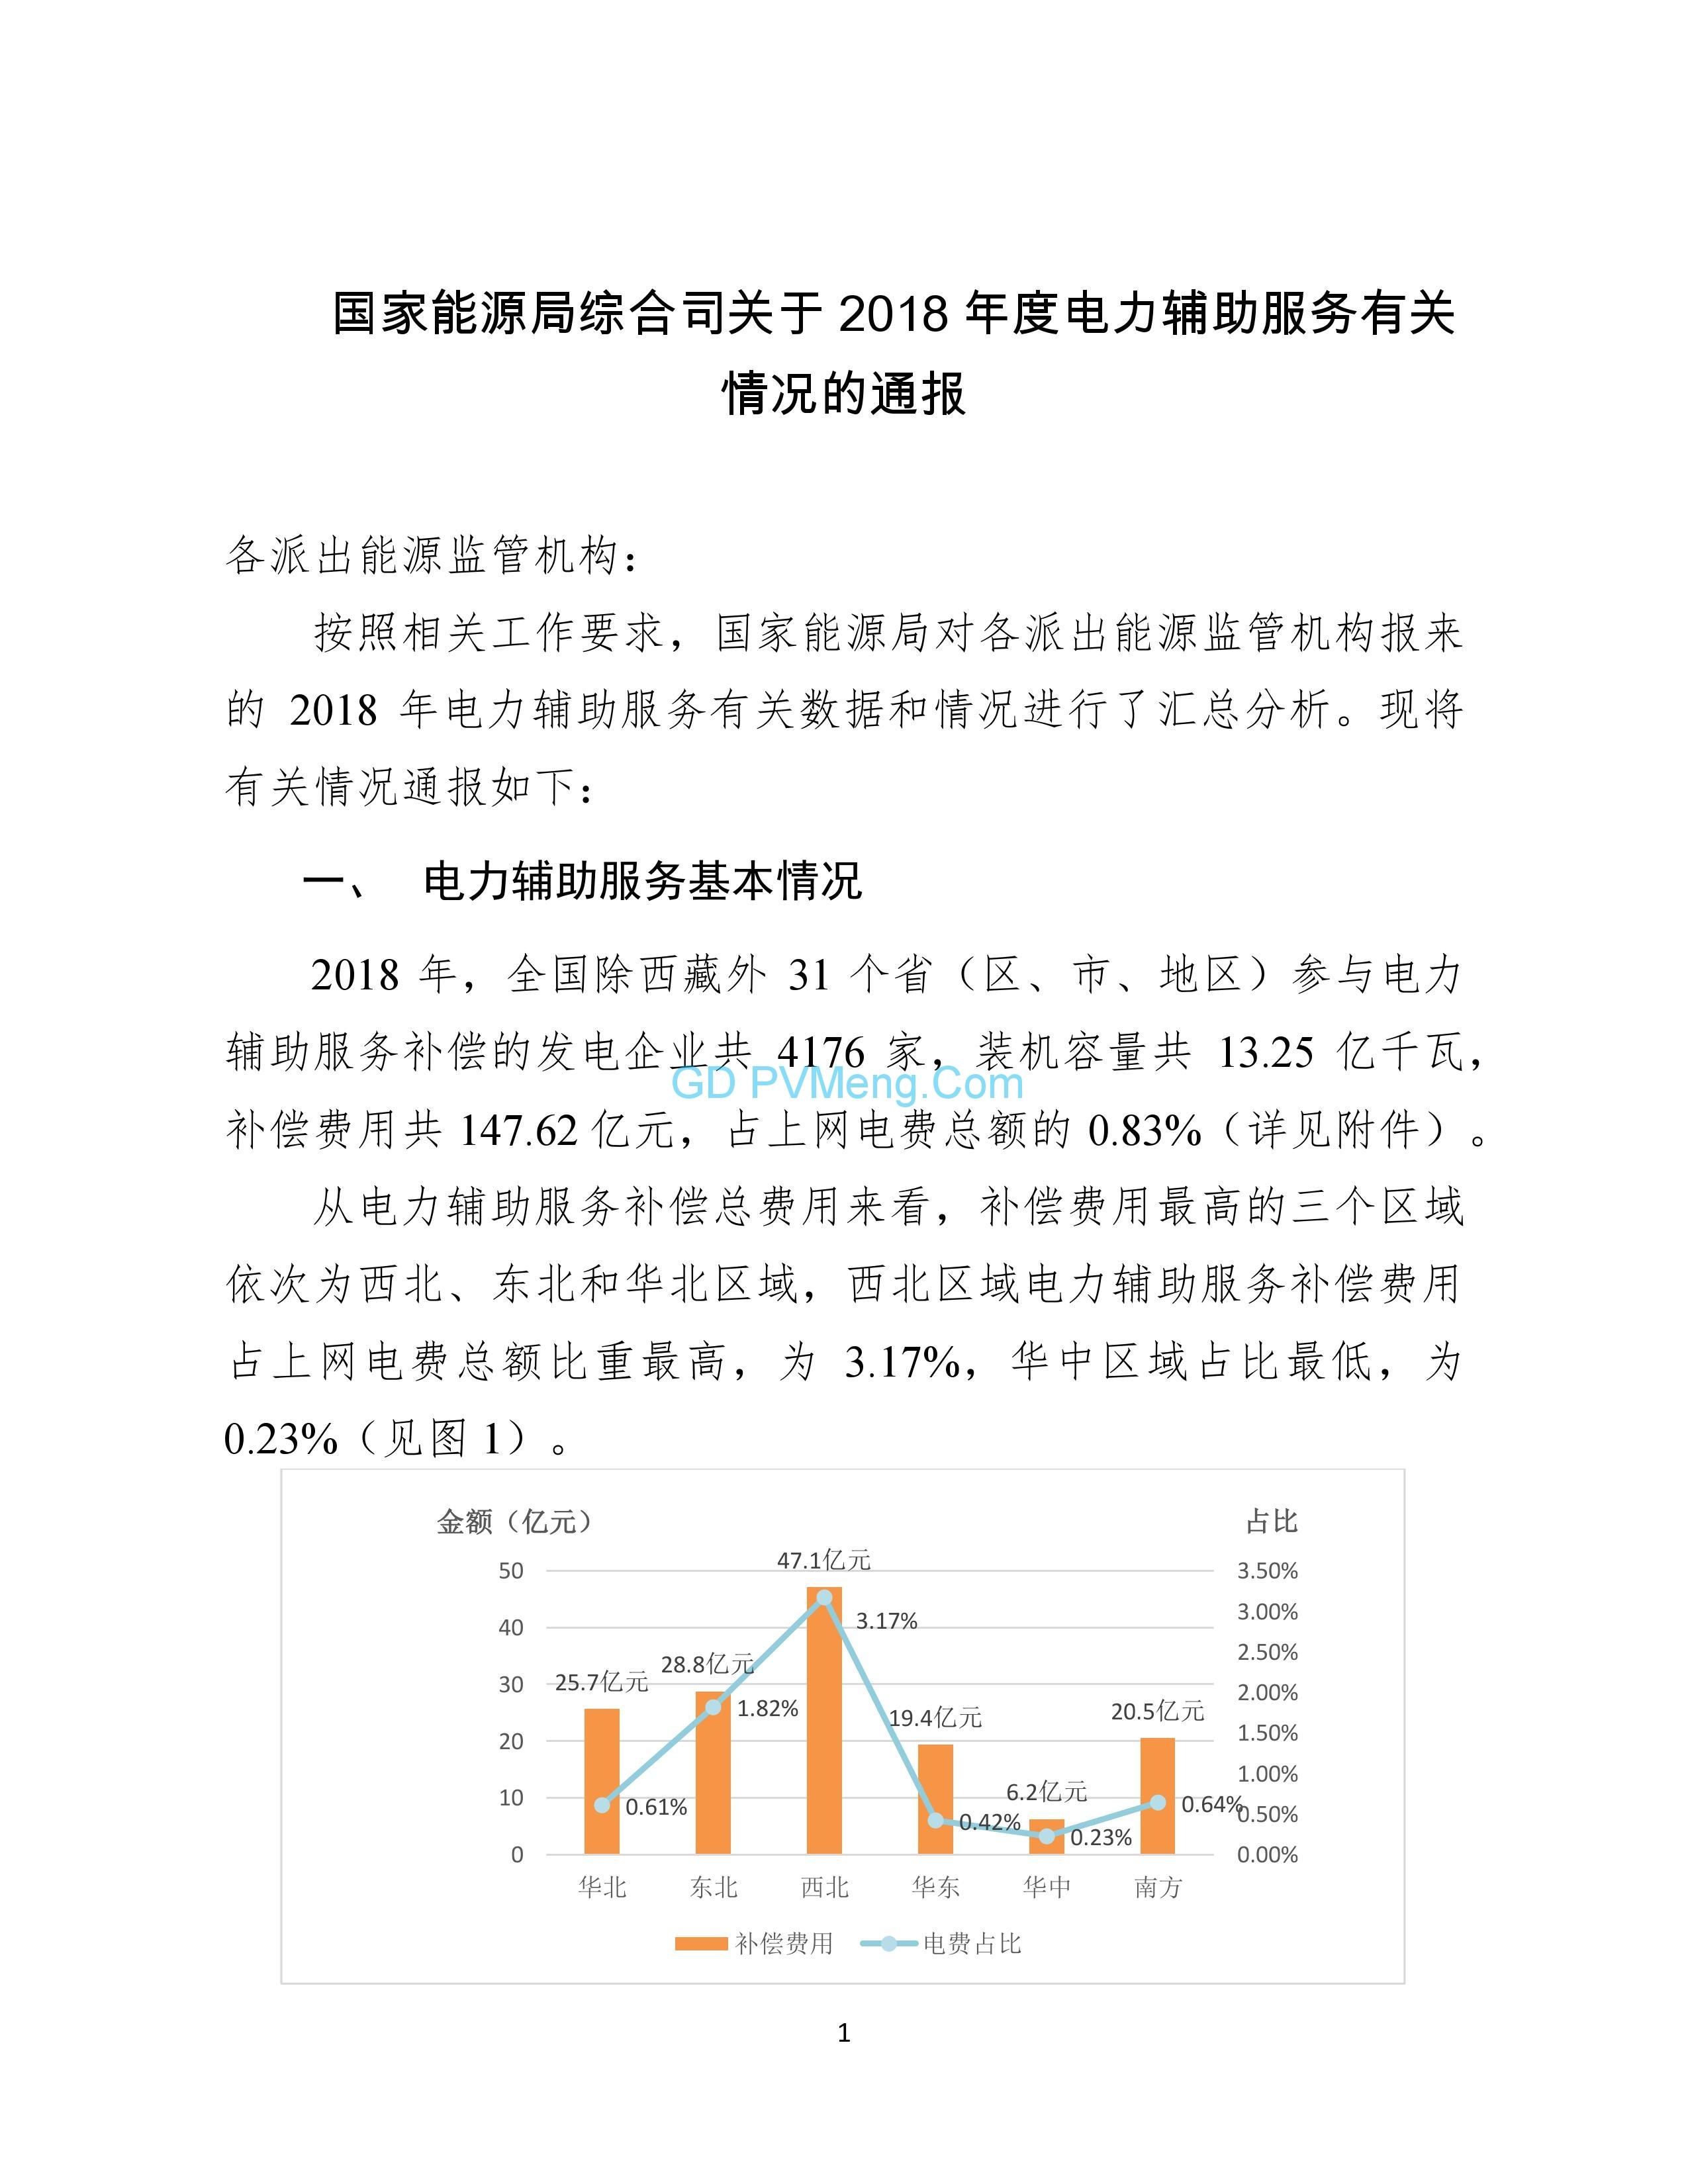 国家能源局综合司关于2018年度电力辅助服务有关情况的通报